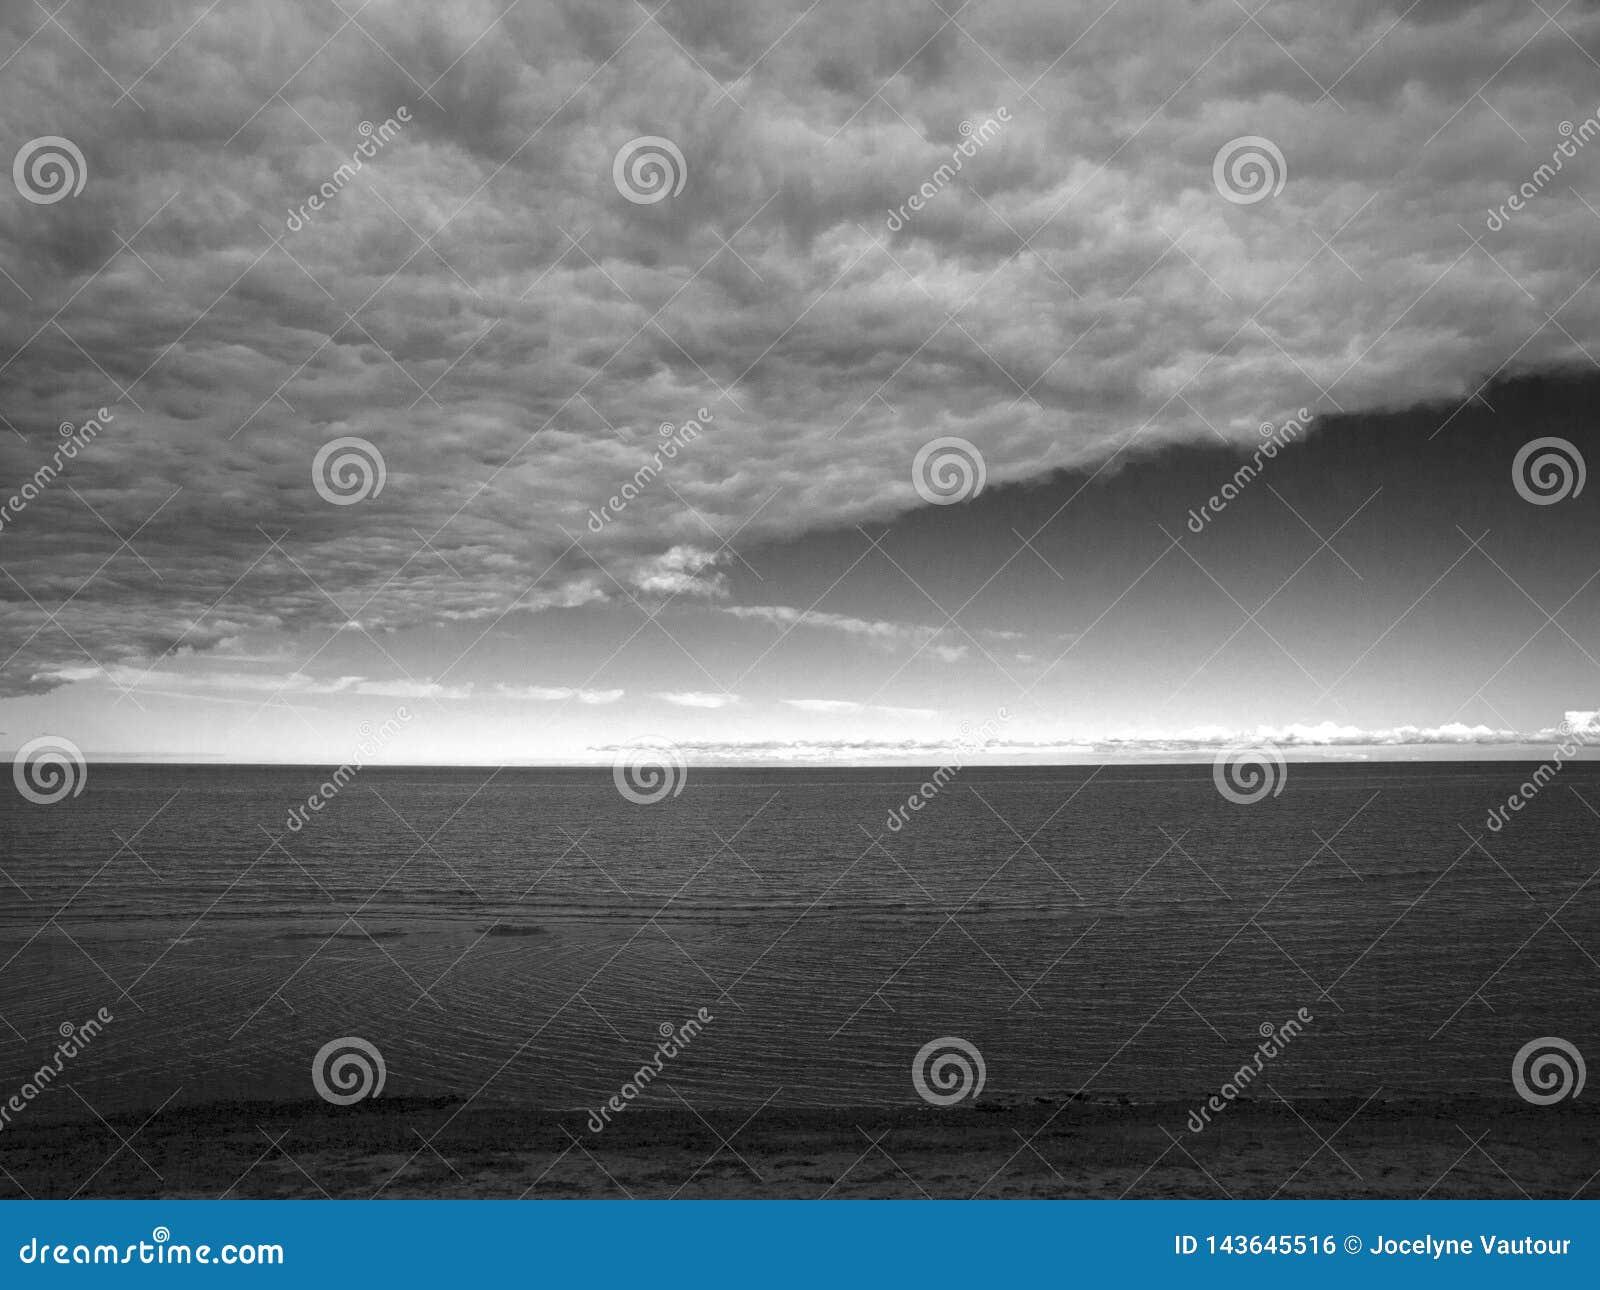 Toneel oceaanmening met bewolkte hemel in zwart-wit